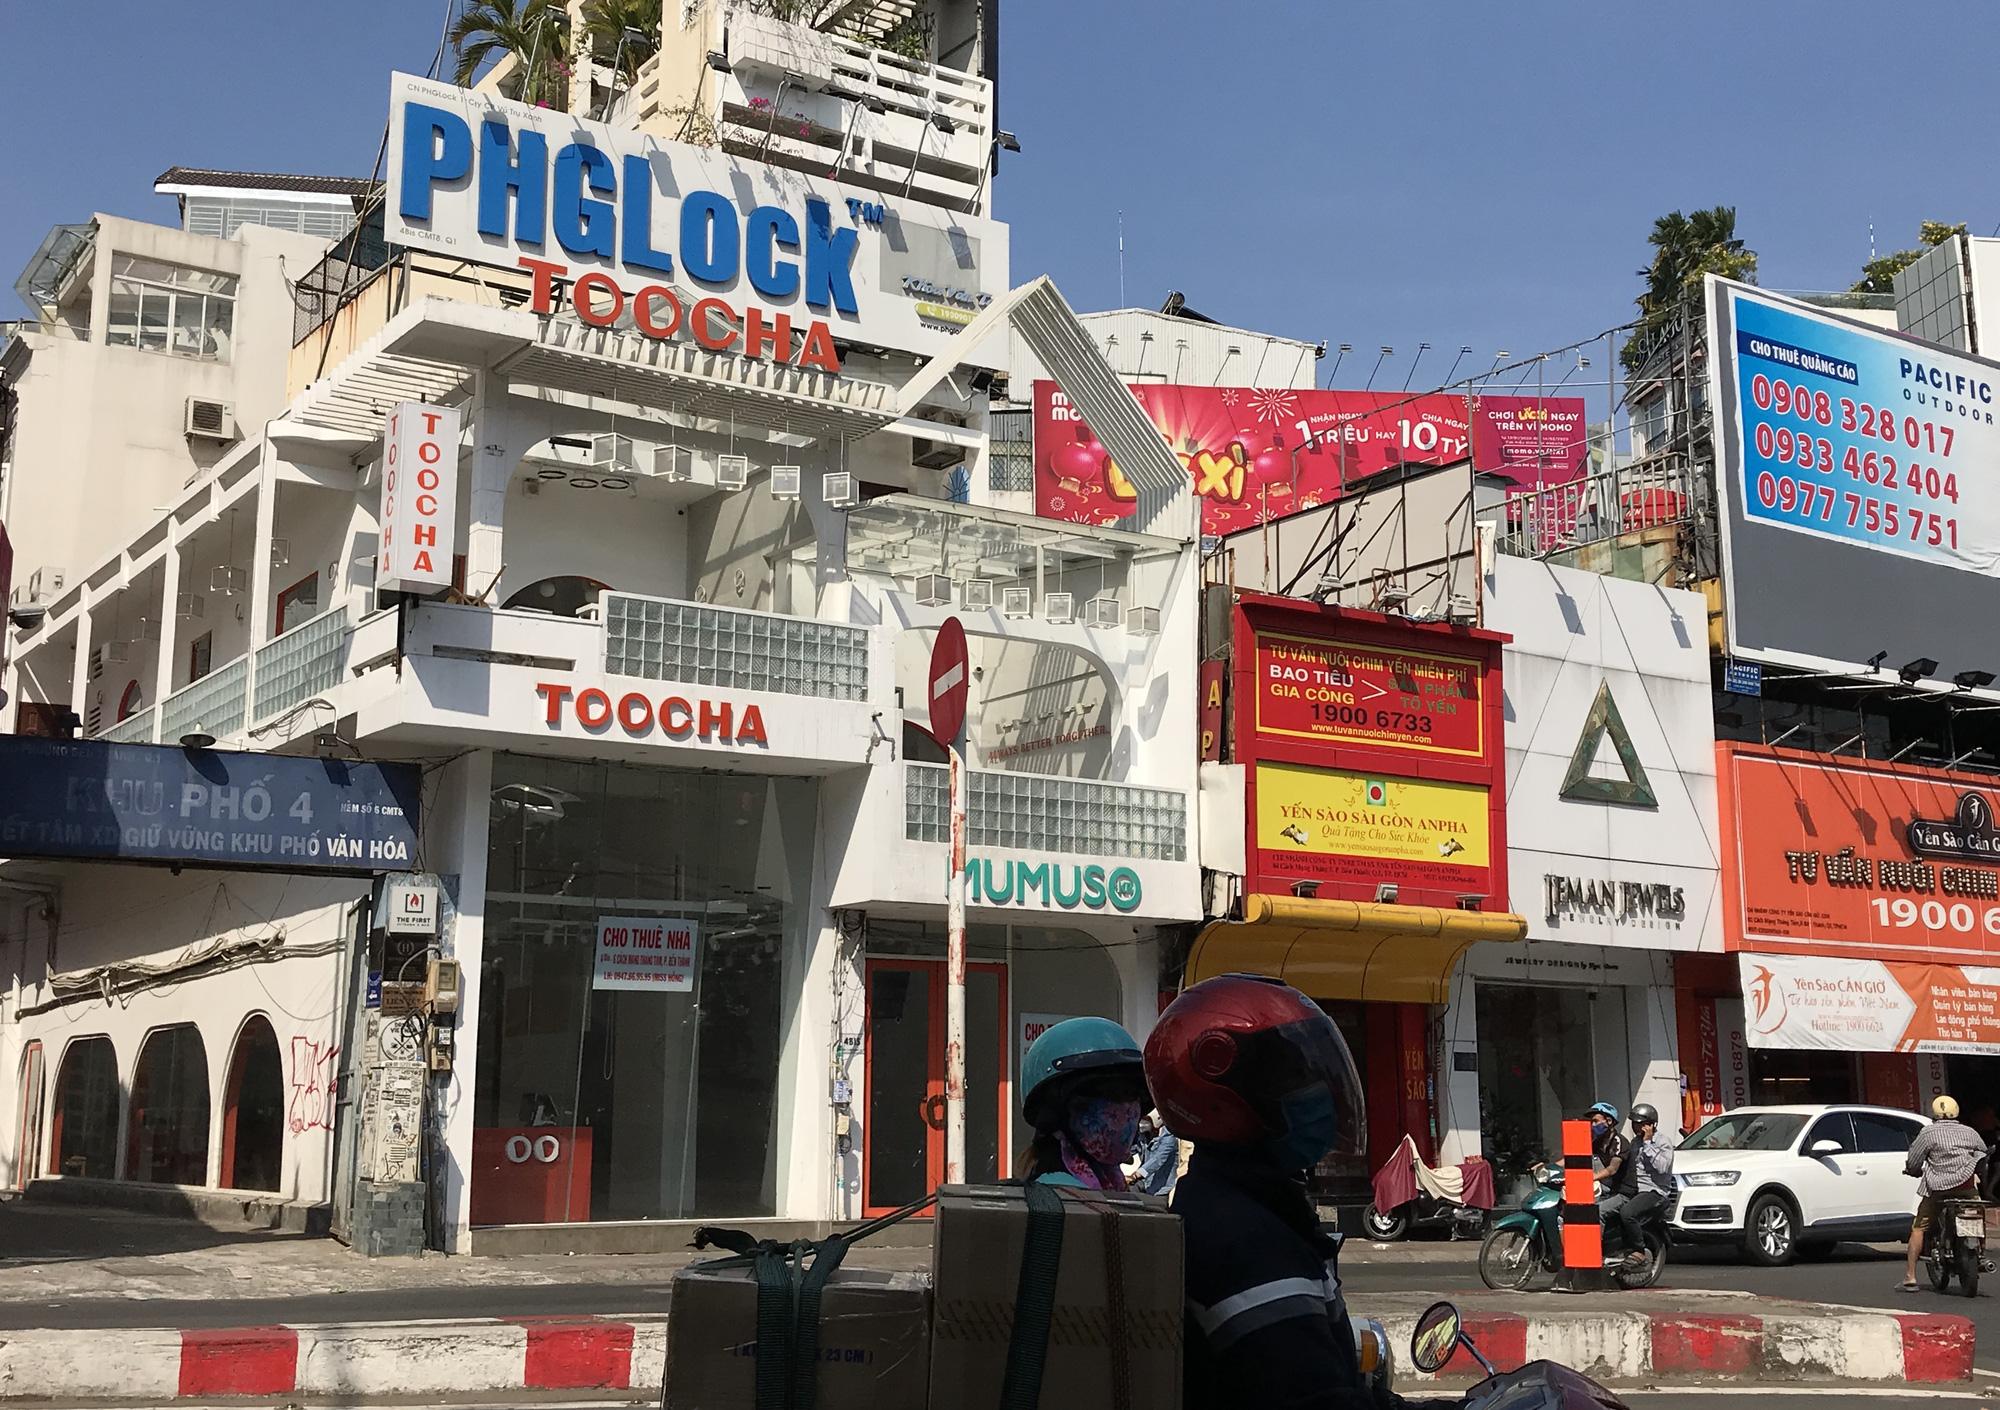 Hình ảnh loạt cửa hàng Toocha, sữa đậu nành Mr Bean của Shark Thủy, thậm chí 7-Eleven cũng đóng cửa vì Covid-19 - Ảnh 2.